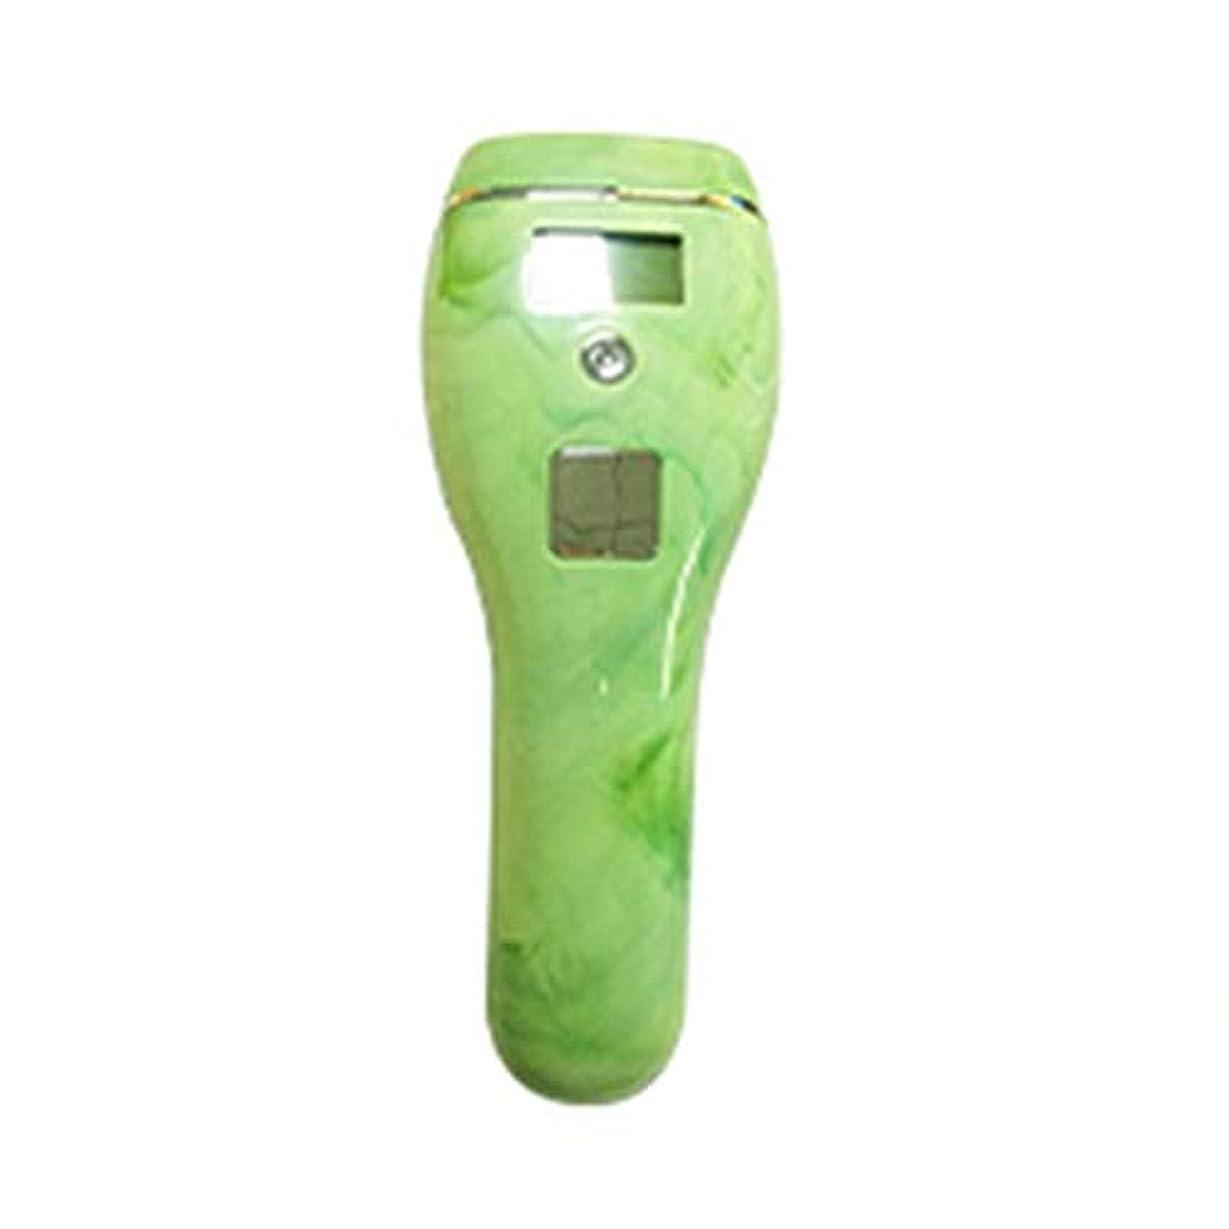 やさしく一致する昼寝Iku夫 自動肌のカラーセンシング、グリーン、5速調整、クォーツチューブ、携帯用痛みのない全身凍結乾燥用除湿器、サイズ19x7x5cm (Color : Green)